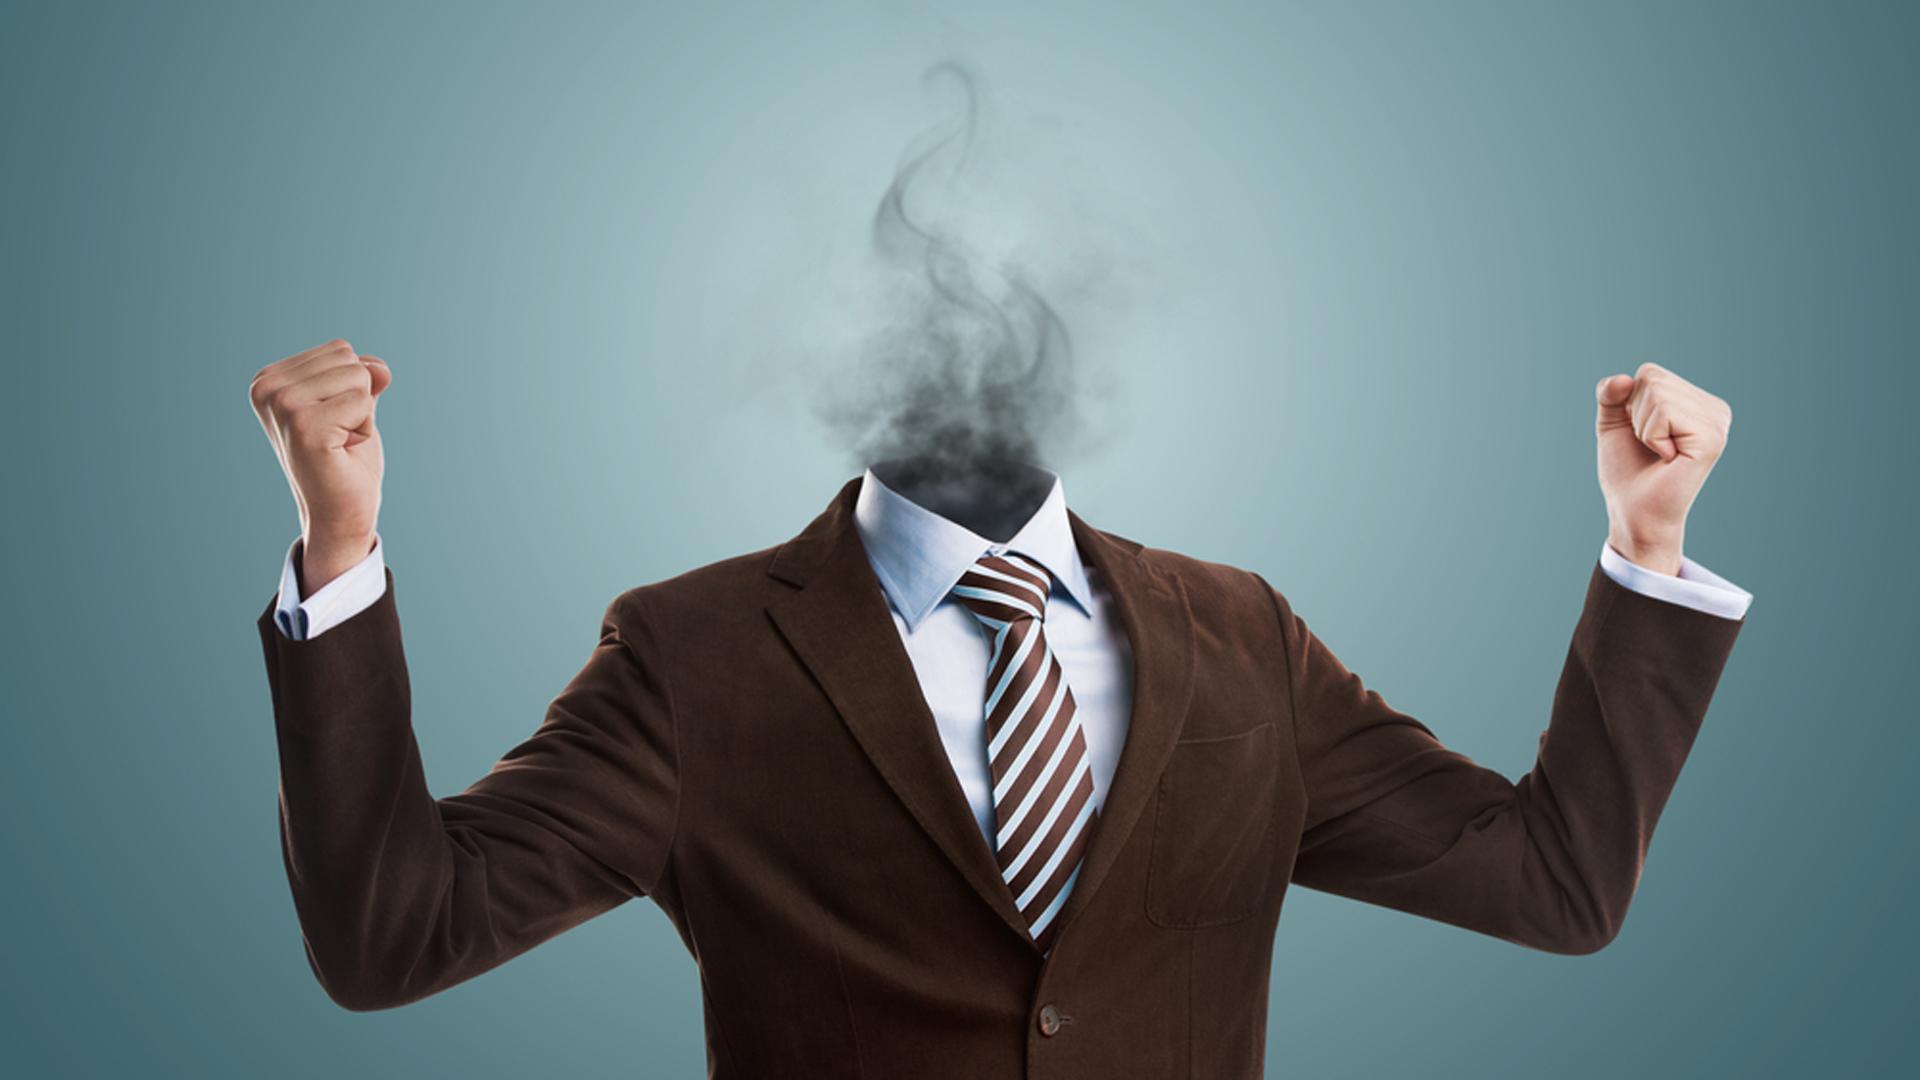 Sin un adecuado nivel de bienestar, no es posible que puedan desarrollar sus habilidades, afrontar el estrés normal de la vida (Shutterstock)